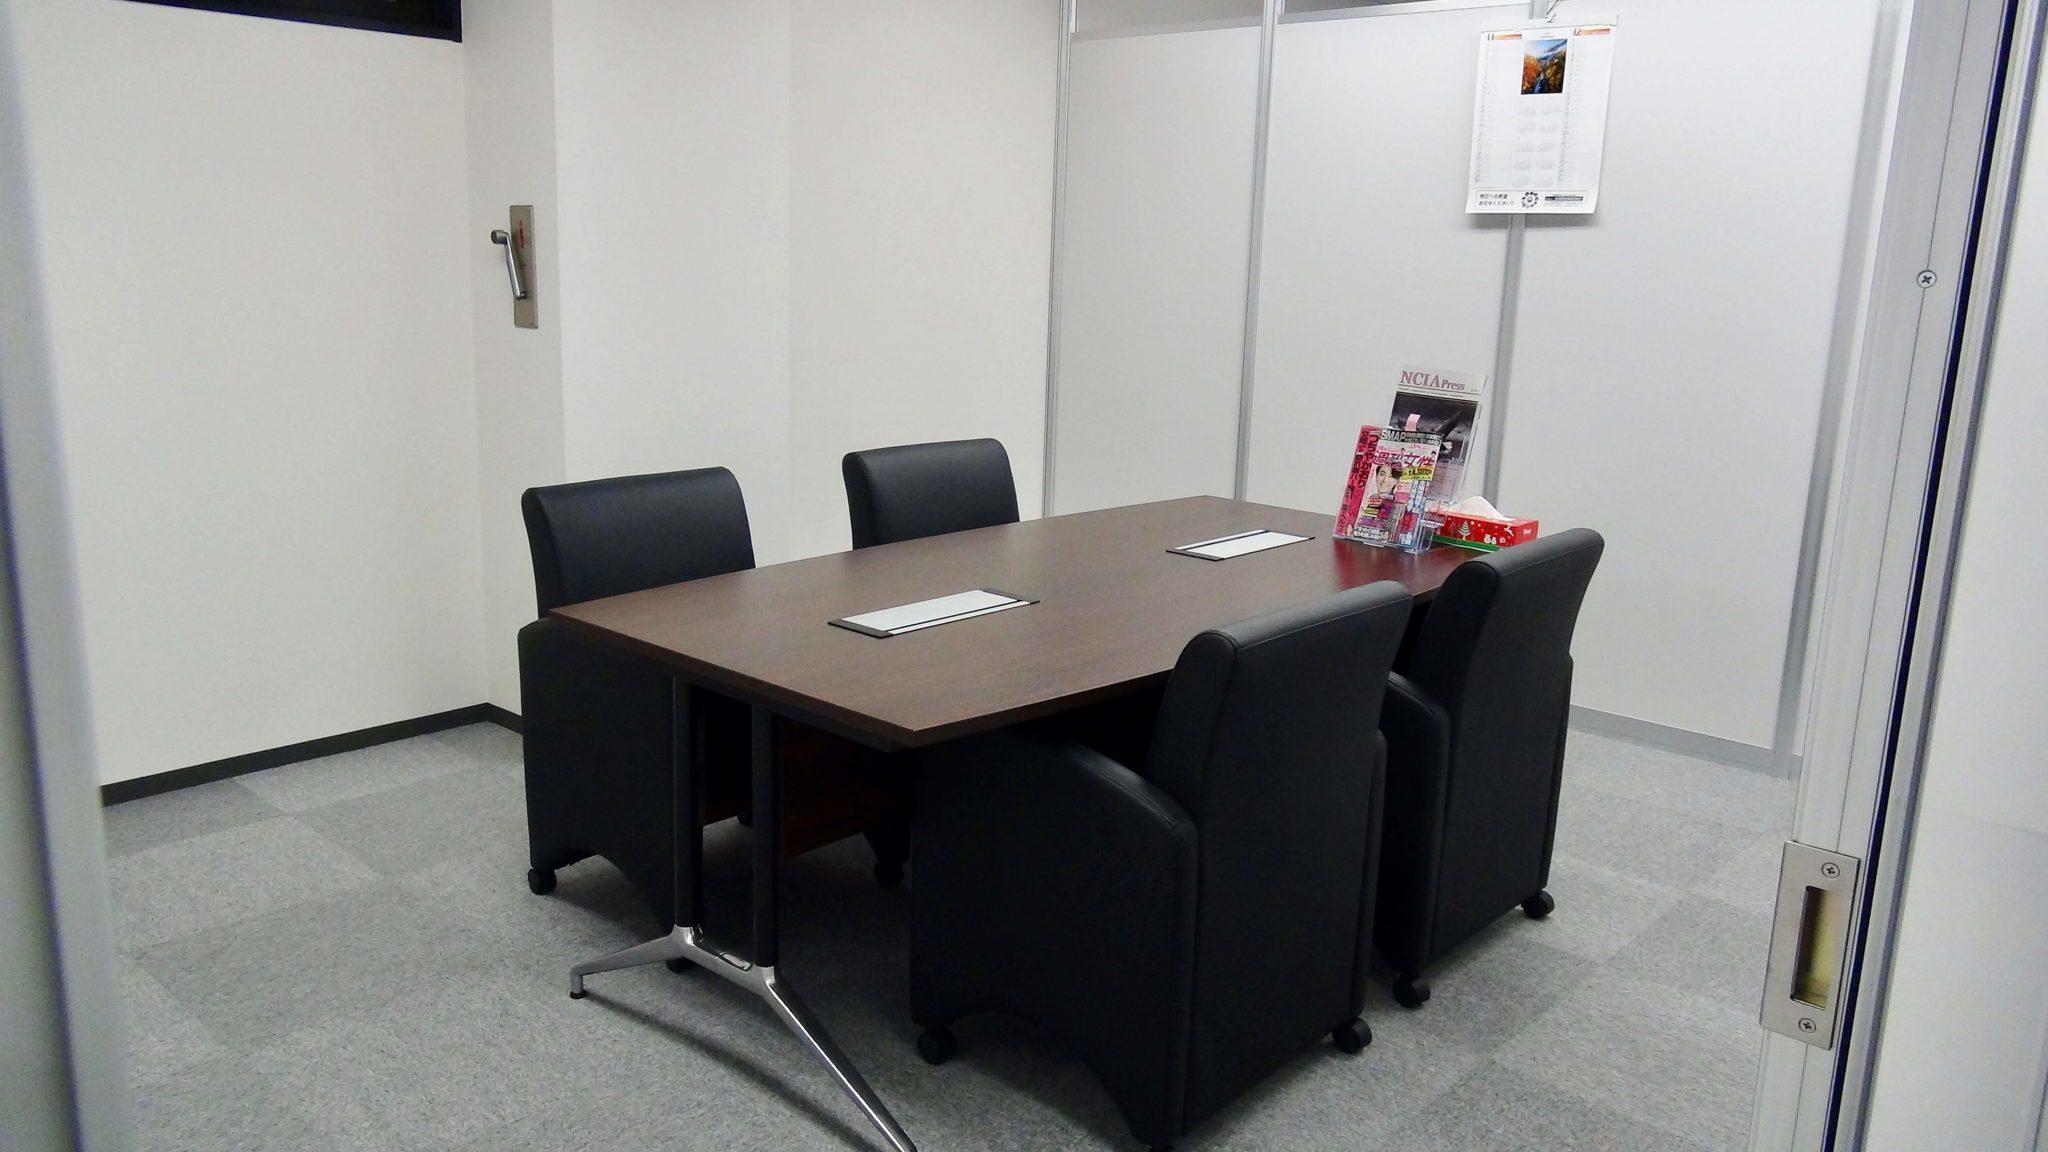 原一探偵事務所 静岡相談室